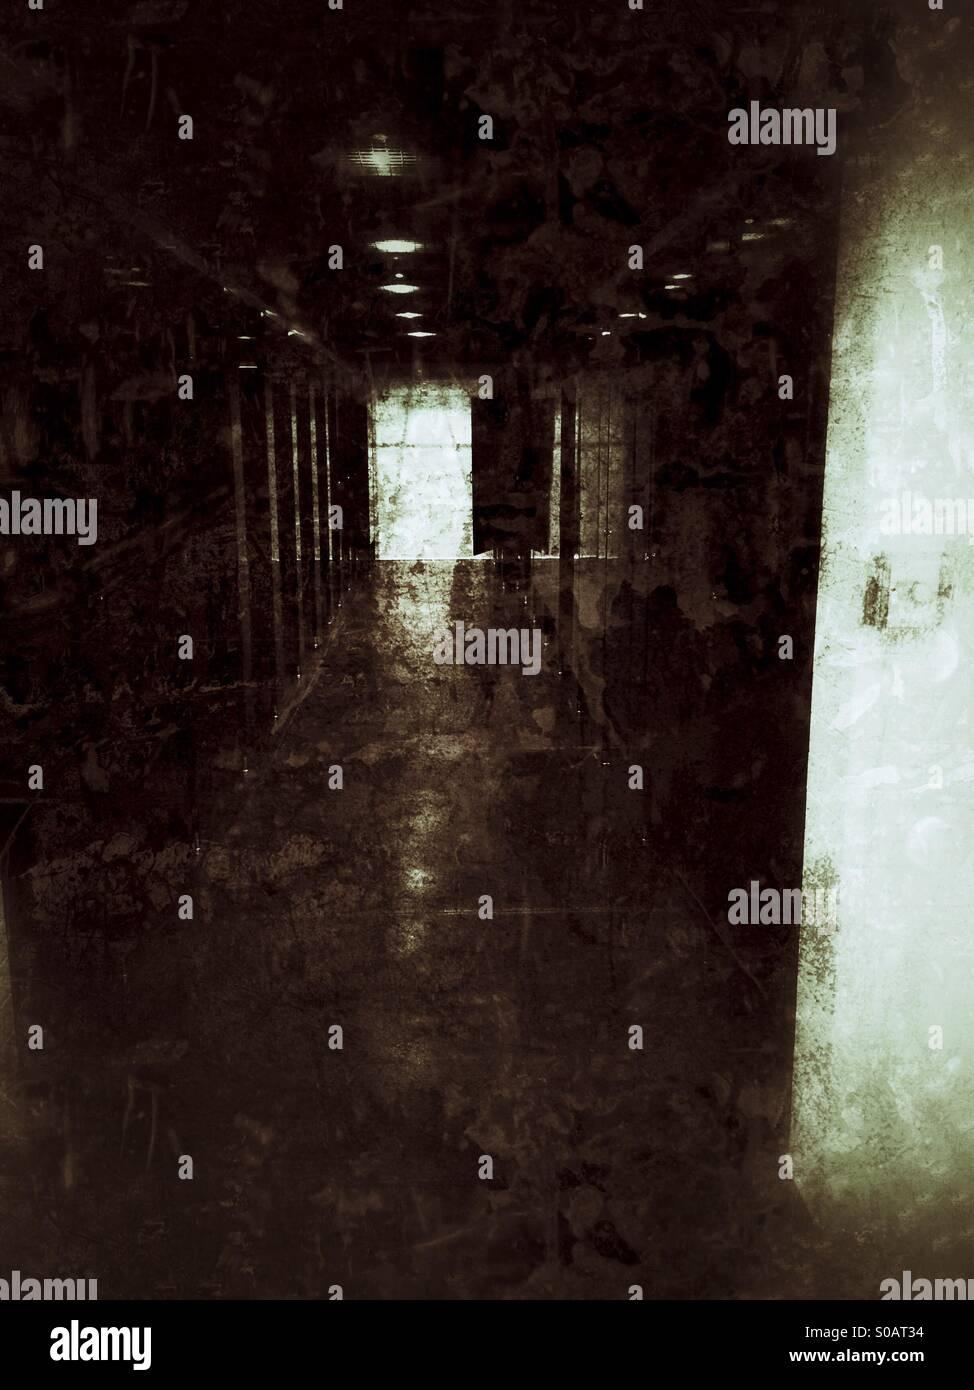 Dans un couloir sombre inconnu Photo Stock